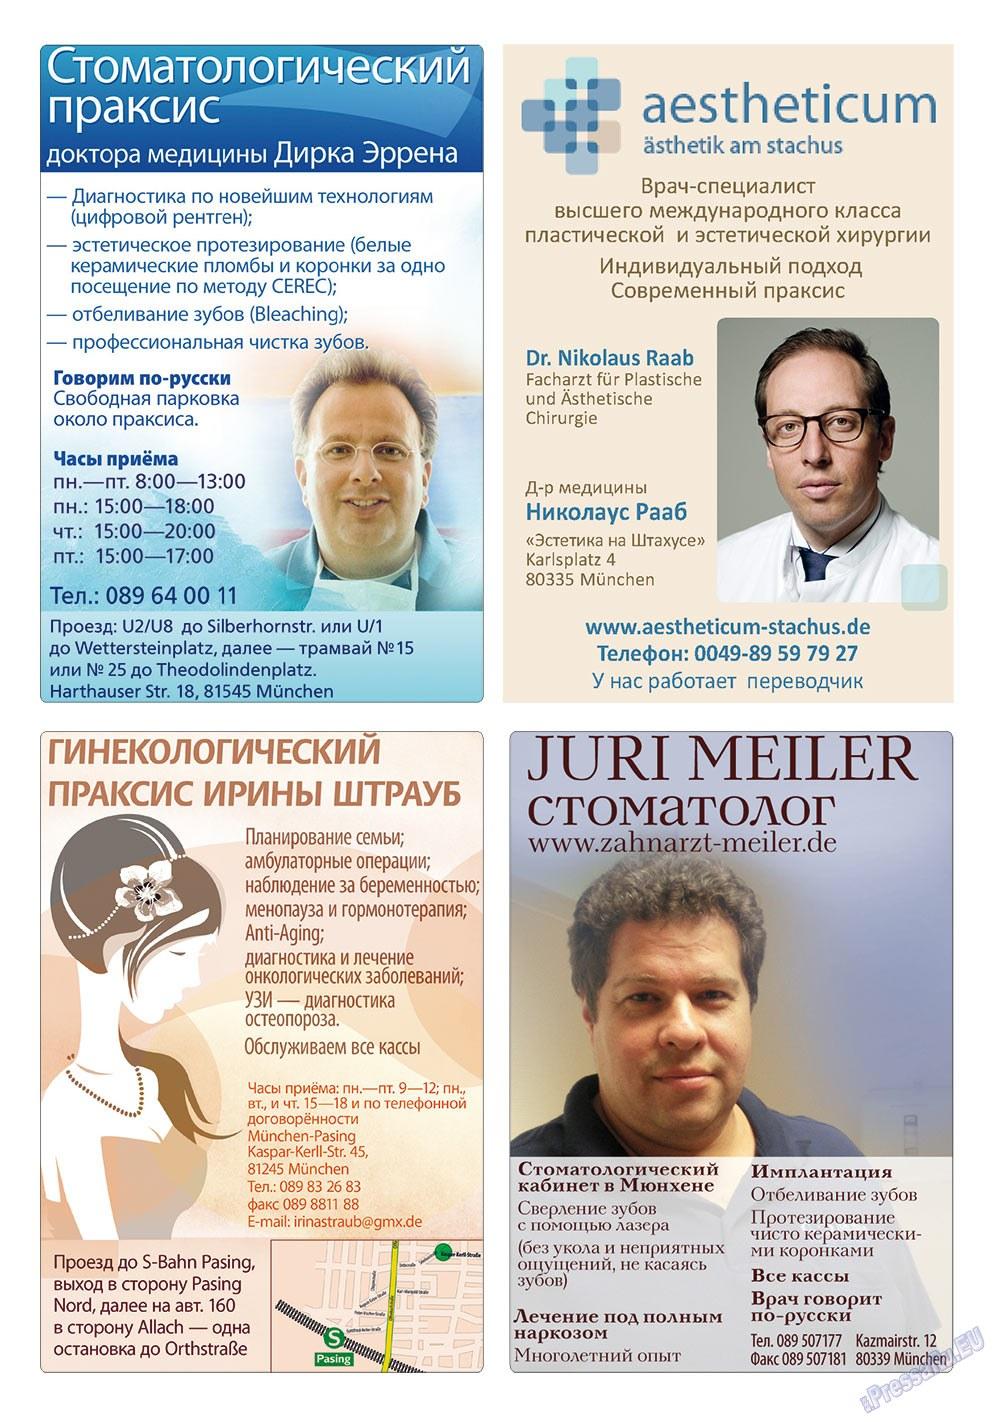 Апельсин (журнал). 2012 год, номер 35, стр. 39